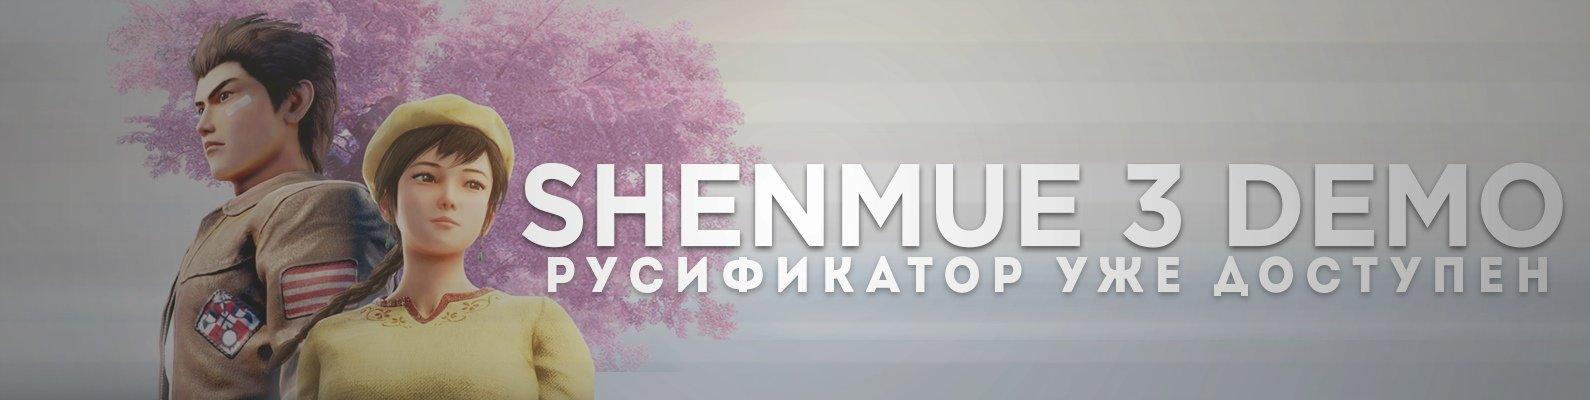 Вышел перевод демо-версии Shenmue 3